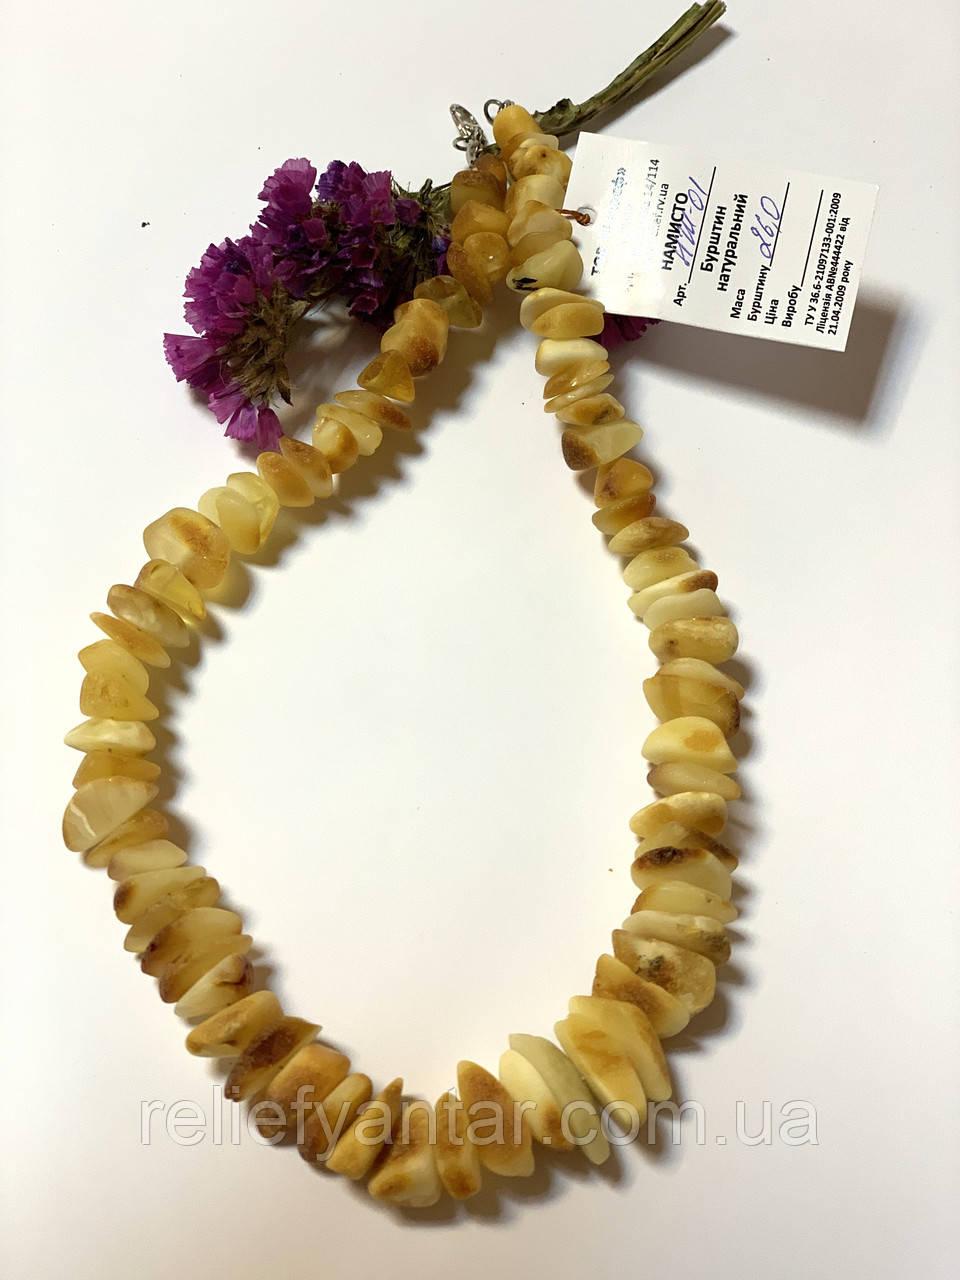 Бусы из натурального необработанного лечебного янтаря